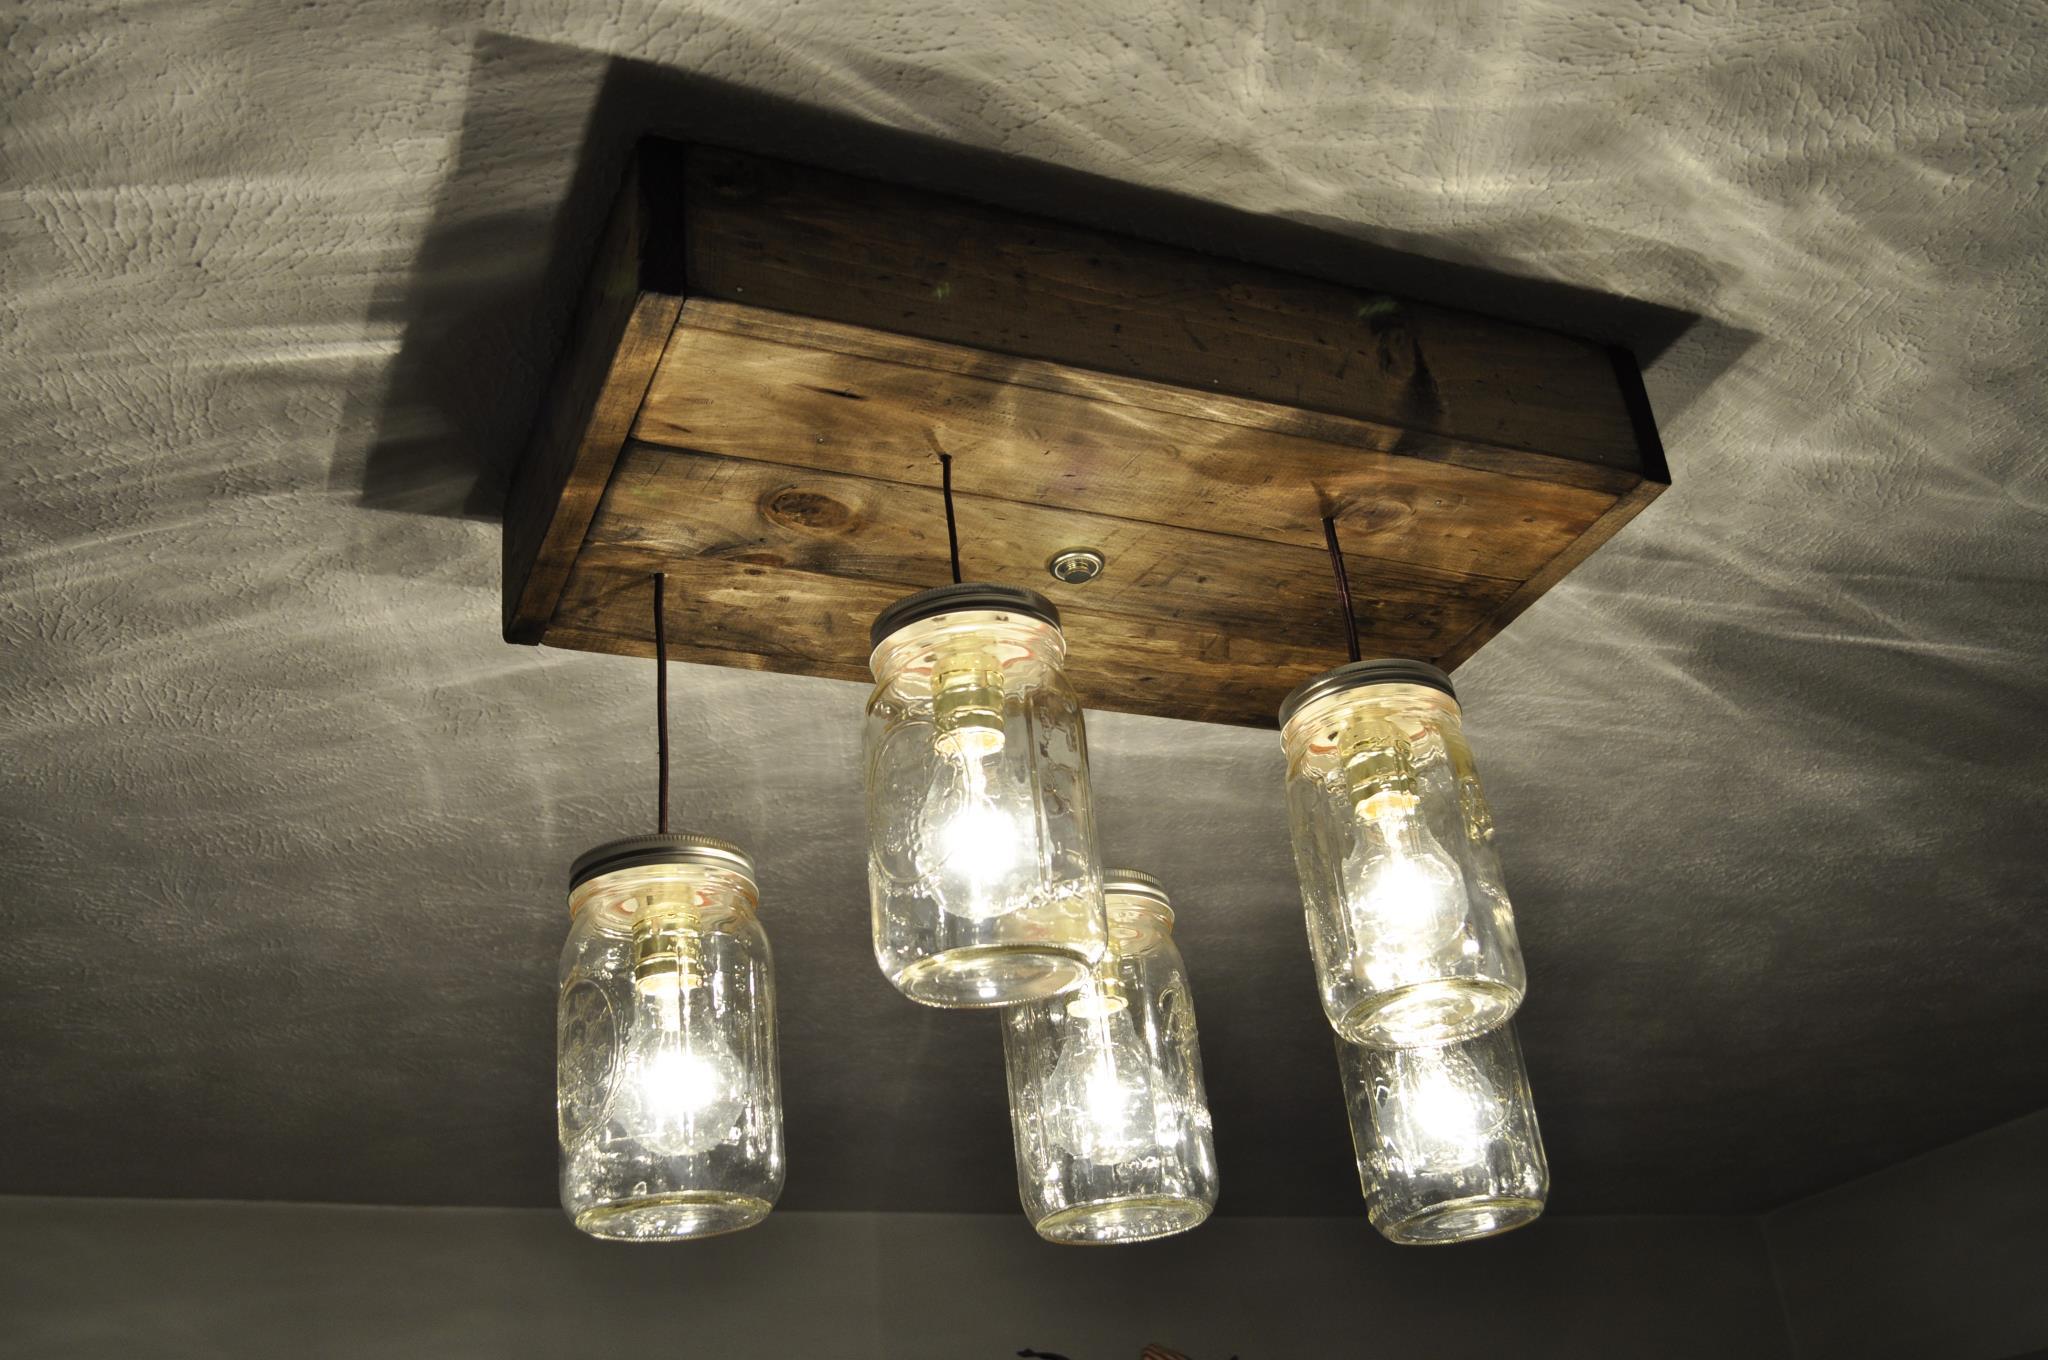 Lampadari DIY: tante idee per illuminare la casa